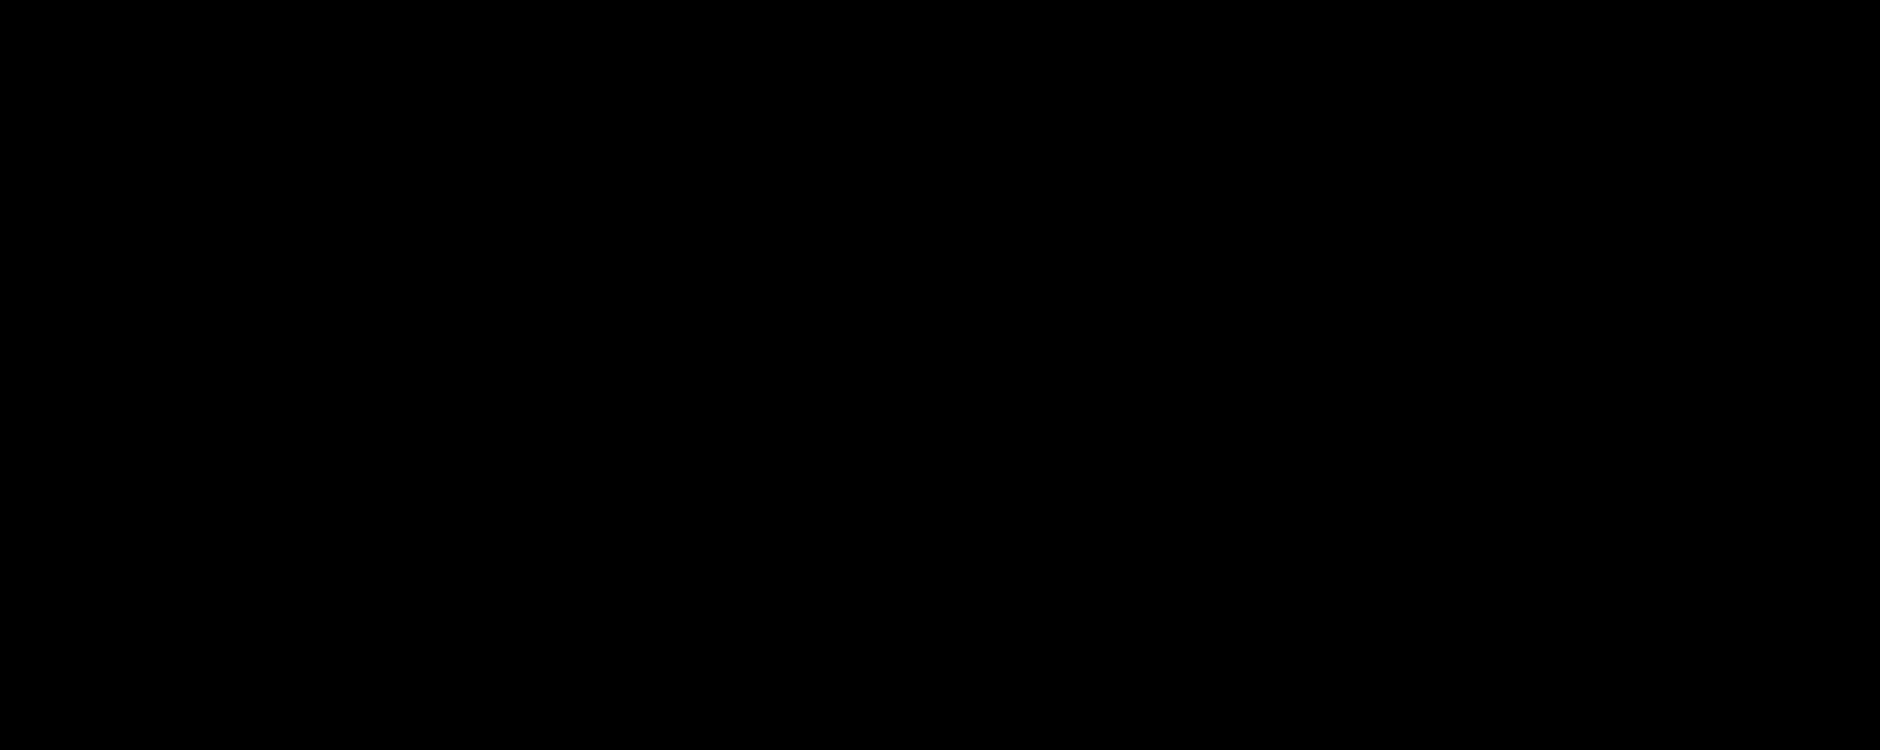 Salmson S4 61 restauration techni tacot